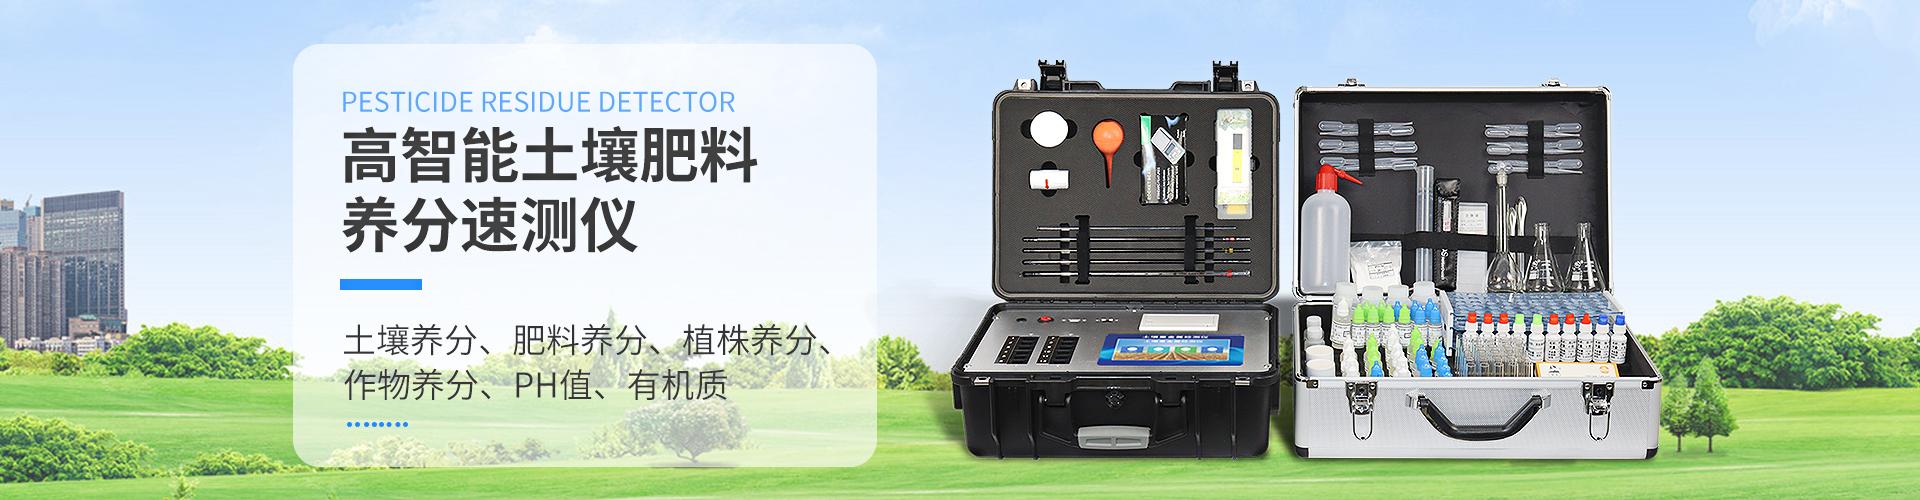 土壤养分检测仪-土壤分析仪